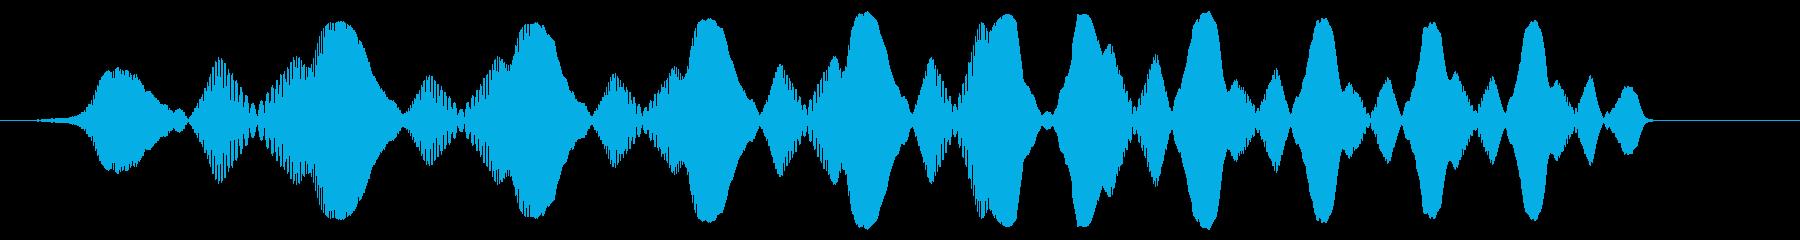 ぴよよよよ〜ん(コミカルなジャンプ音)の再生済みの波形